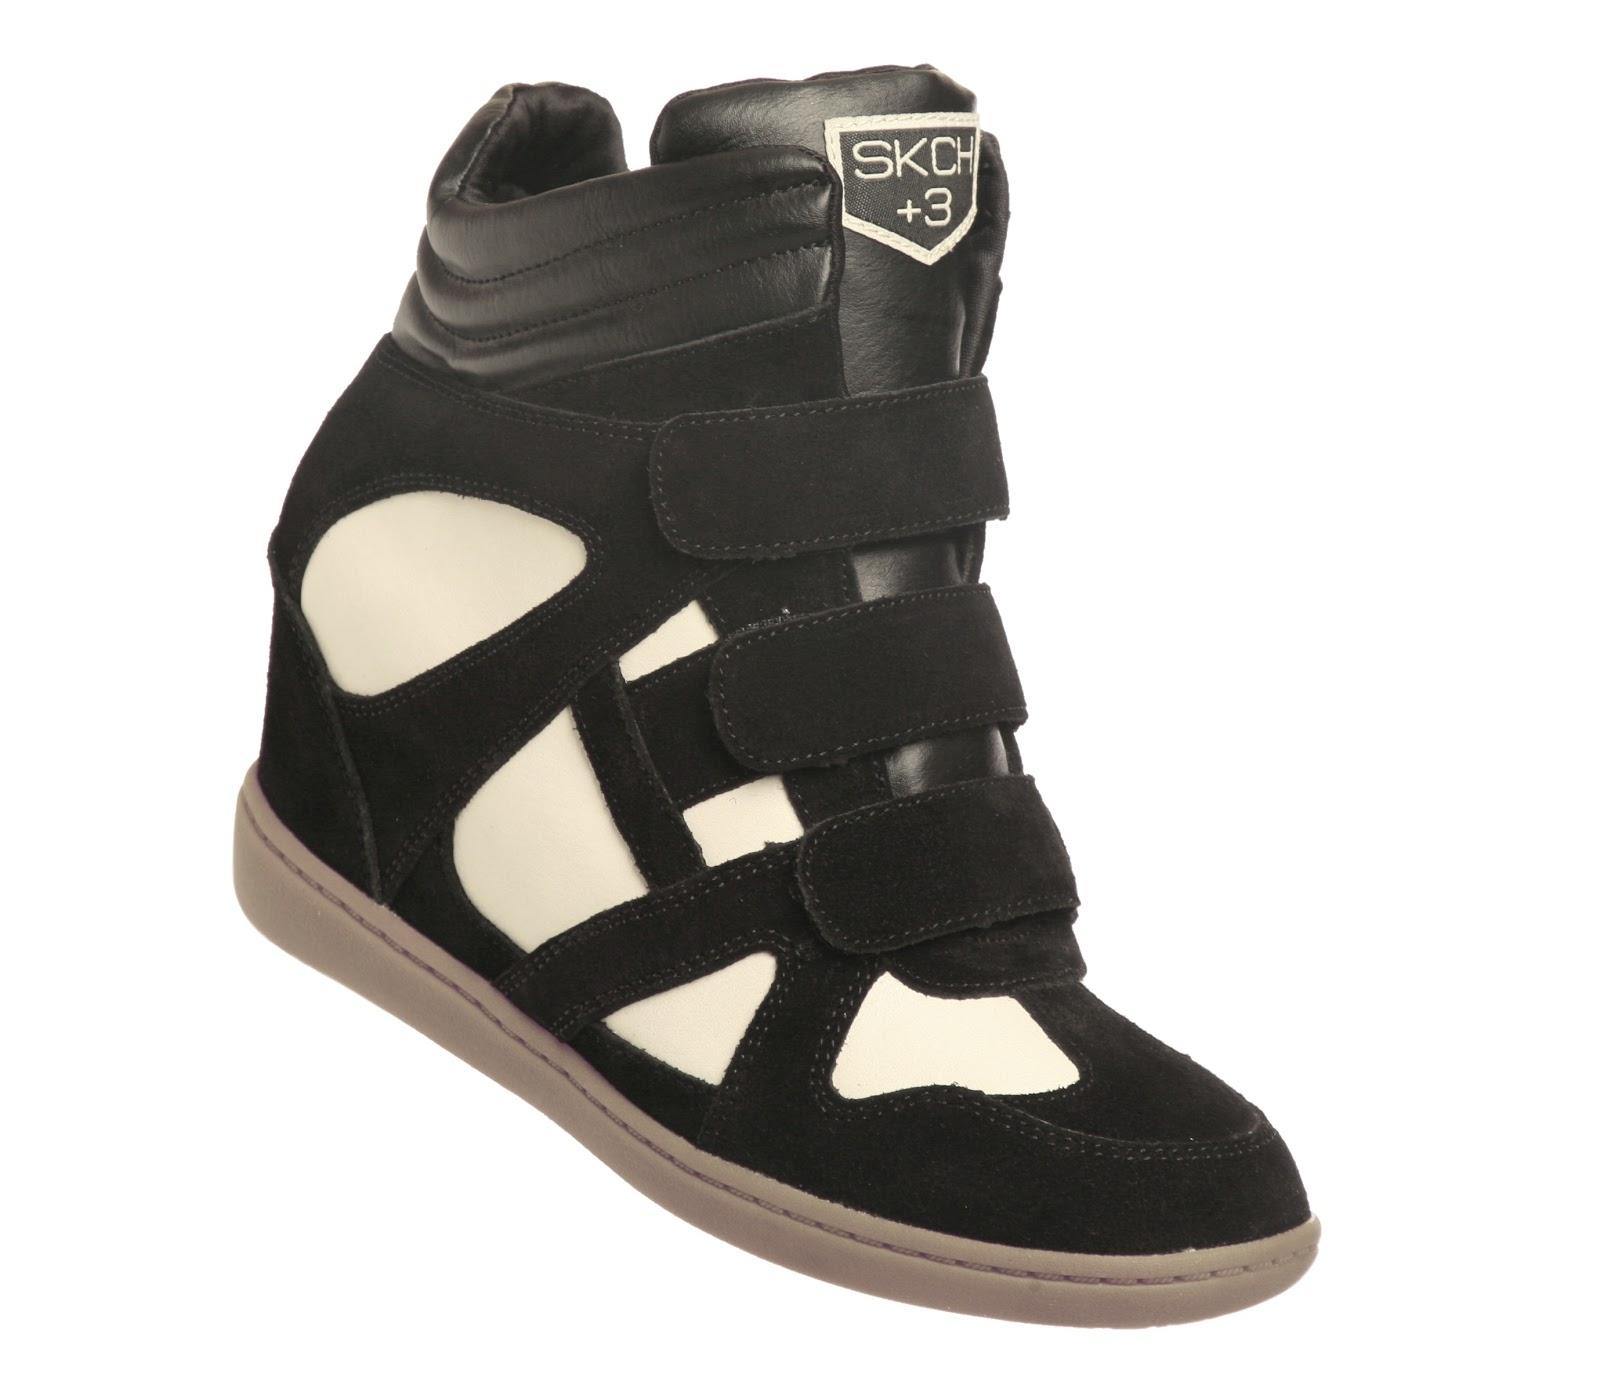 Skechers y sus zapatillas Plus 3 para